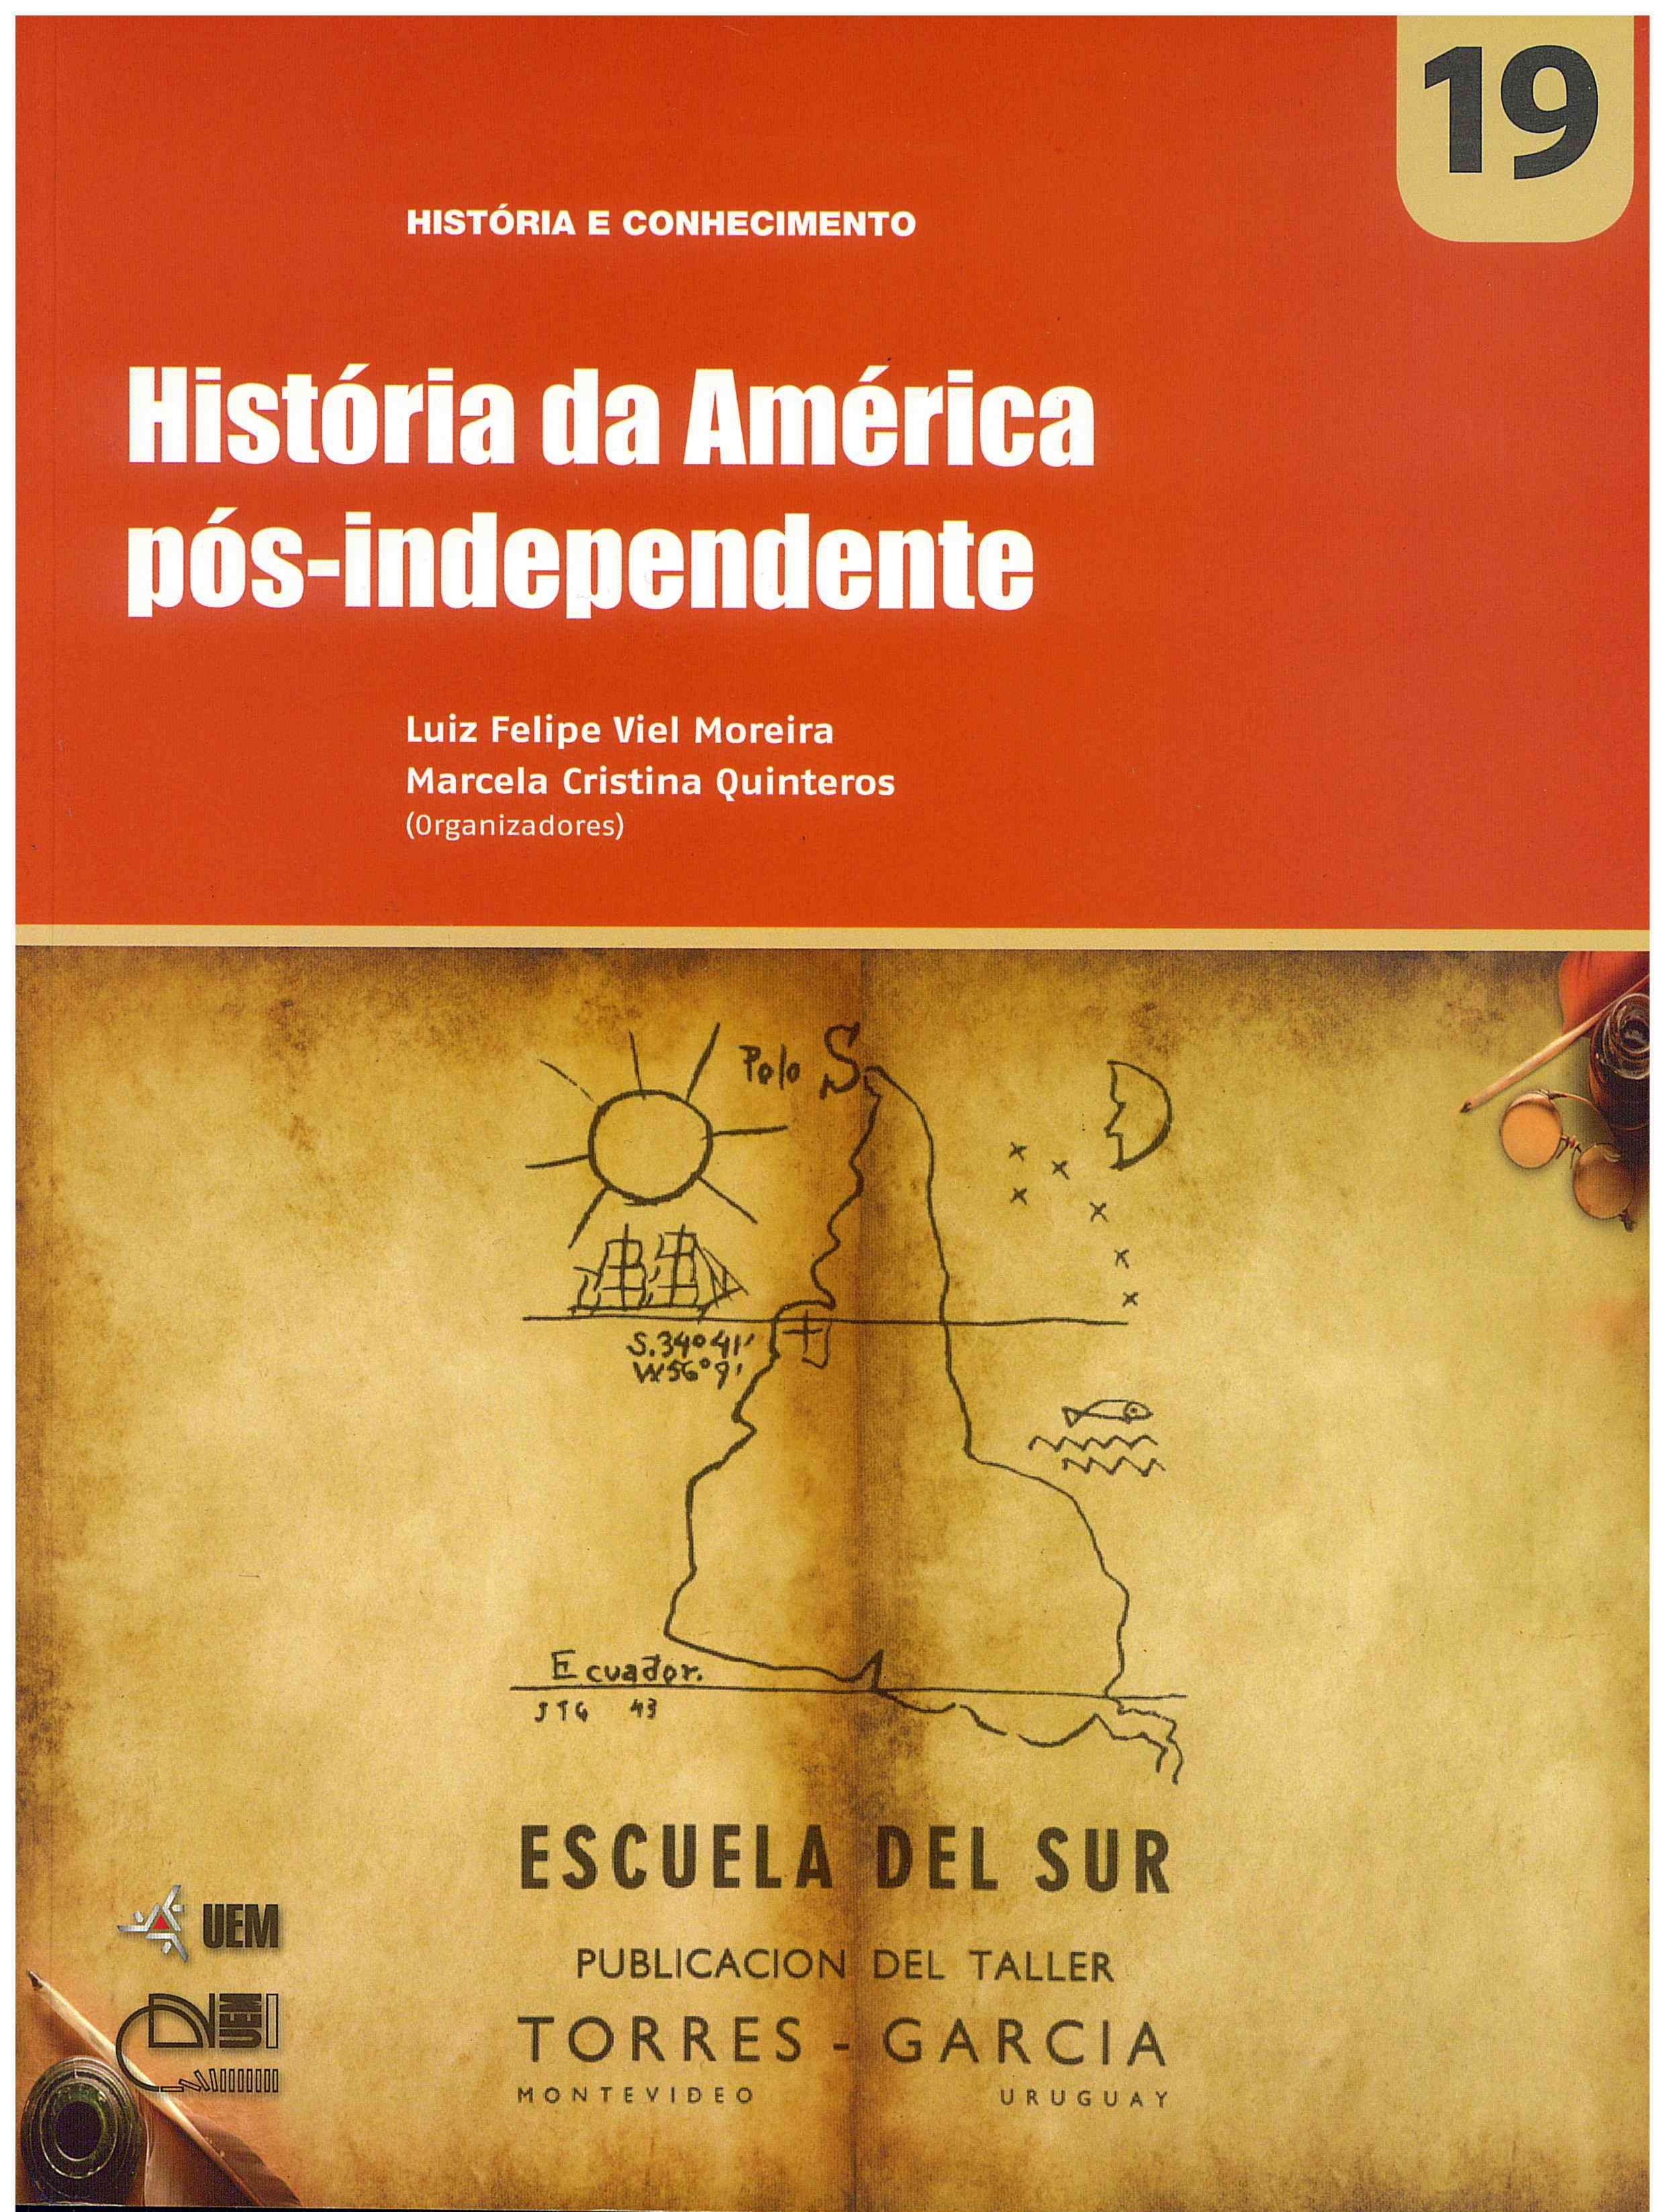 MOREIRA, L. F. V.; QUINTEROS, M. C. (Orgs.). História da América pós-independente